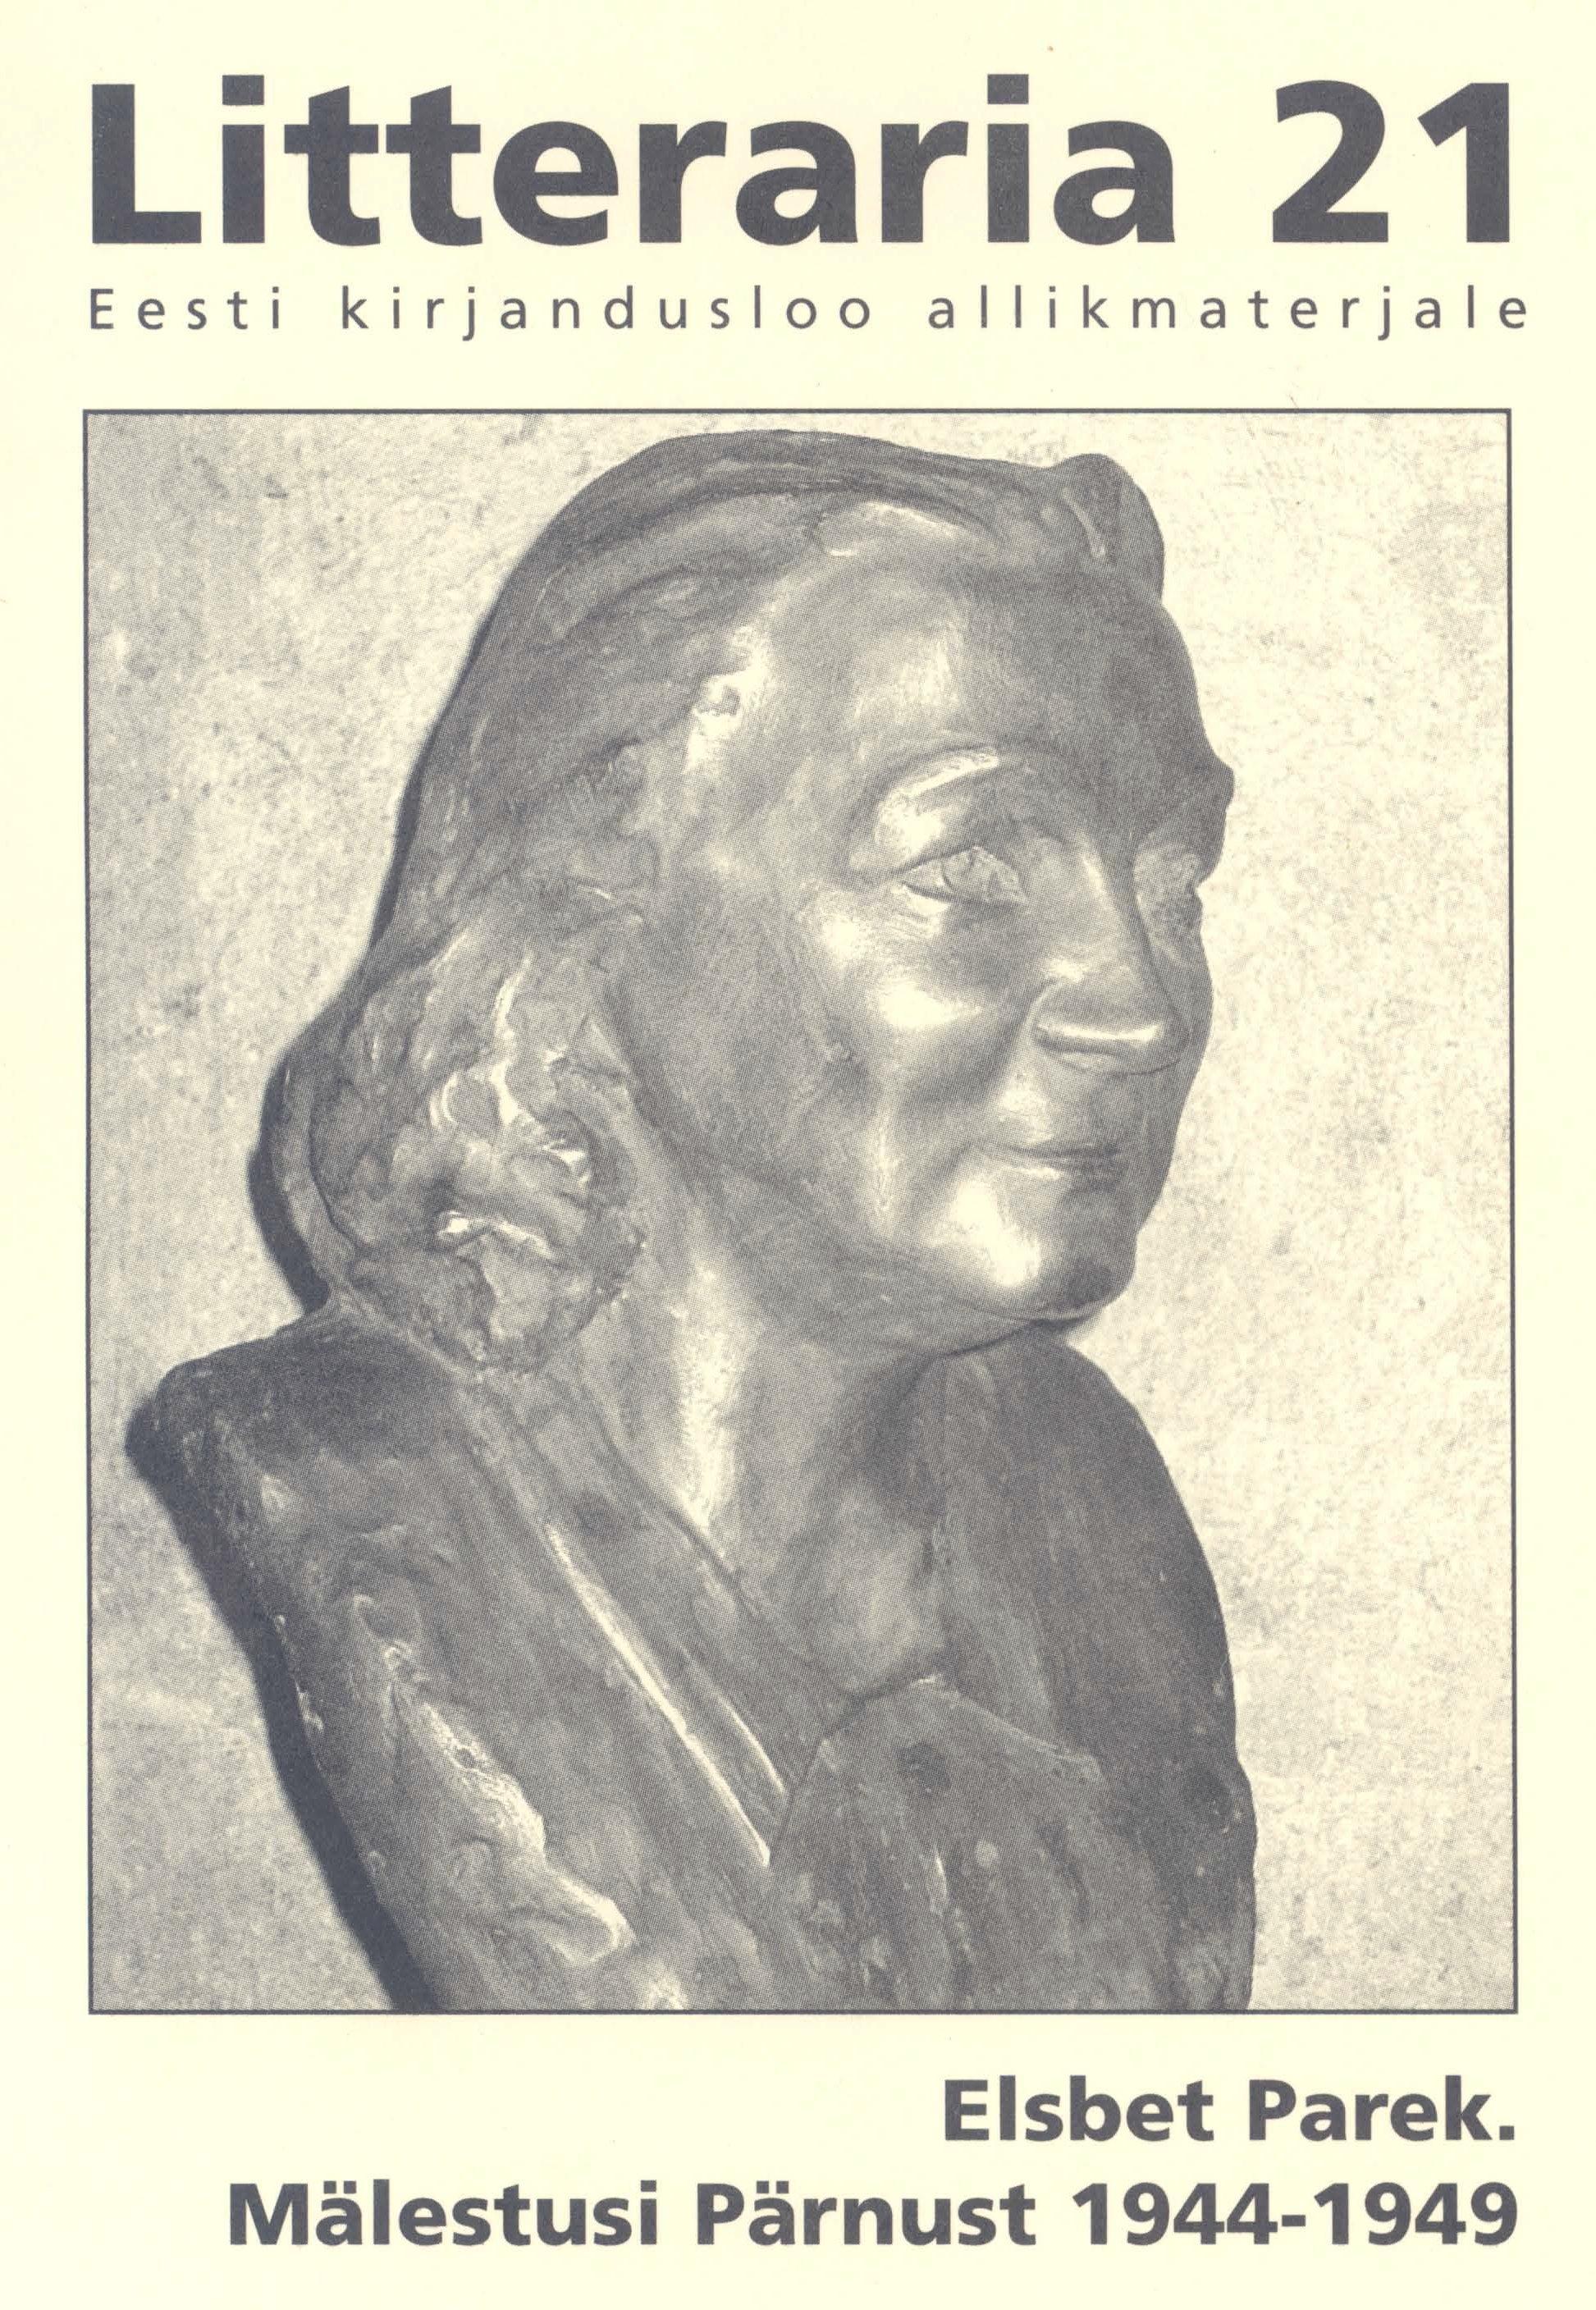 Elsbet Parek «Litteraria» sari. Mälestusi Pärnust 1944-1949 tiina saluvere litteraria sari sinu isiklik piksevarras karin kase kirjad kaarel irdile 1953 1984